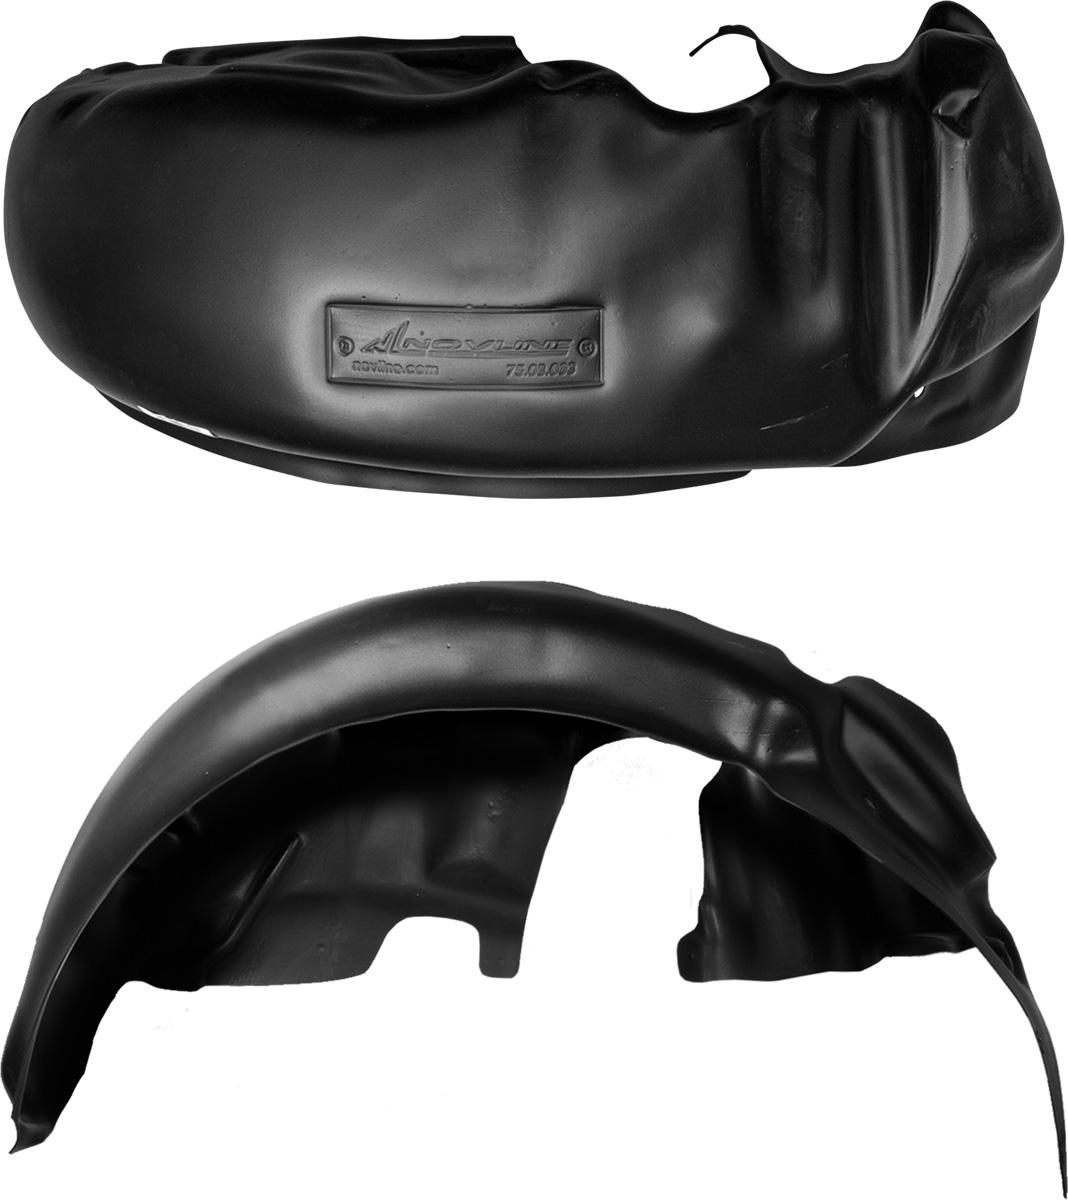 Подкрылок Novline-Autofamily, для Hyundai Solaris, 2010-2014, седан, задний правыйNLL.20.41.004Колесные ниши - одни из самых уязвимых зон днища вашего автомобиля. Они постоянно подвергаются воздействию со стороны дороги. Лучшая, почти абсолютная защита для них - специально отформованные пластиковые кожухи, которые называются подкрылками. Производятся они как для отечественных моделей автомобилей, так и для иномарок. Подкрылки Novline-Autofamily выполнены из высококачественного, экологически чистого пластика. Обеспечивают надежную защиту кузова автомобиля от пескоструйного эффекта и негативного влияния, агрессивных антигололедных реагентов. Пластик обладает более низкой теплопроводностью, чем металл, поэтому в зимний период эксплуатации использование пластиковых подкрылков позволяет лучше защитить колесные ниши от налипания снега и образования наледи. Оригинальность конструкции подчеркивает элегантность автомобиля, бережно защищает нанесенное на днище кузова антикоррозийное покрытие и позволяет осуществить крепление подкрылков внутри колесной арки практически без...